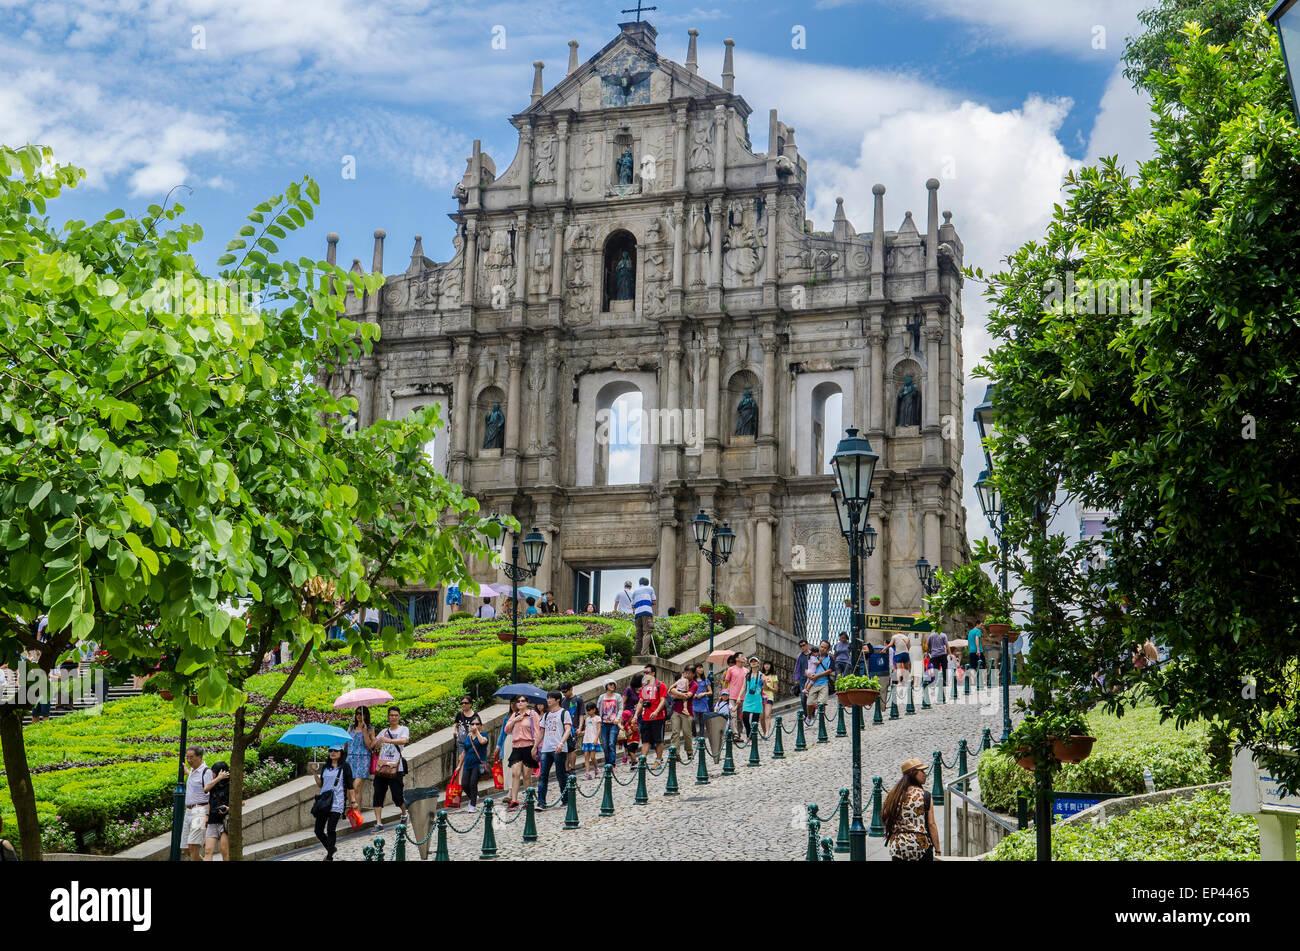 La ruina de la Iglesia de Sao Paulo, el casco antiguo de la ciudad de Macao, China Imagen De Stock